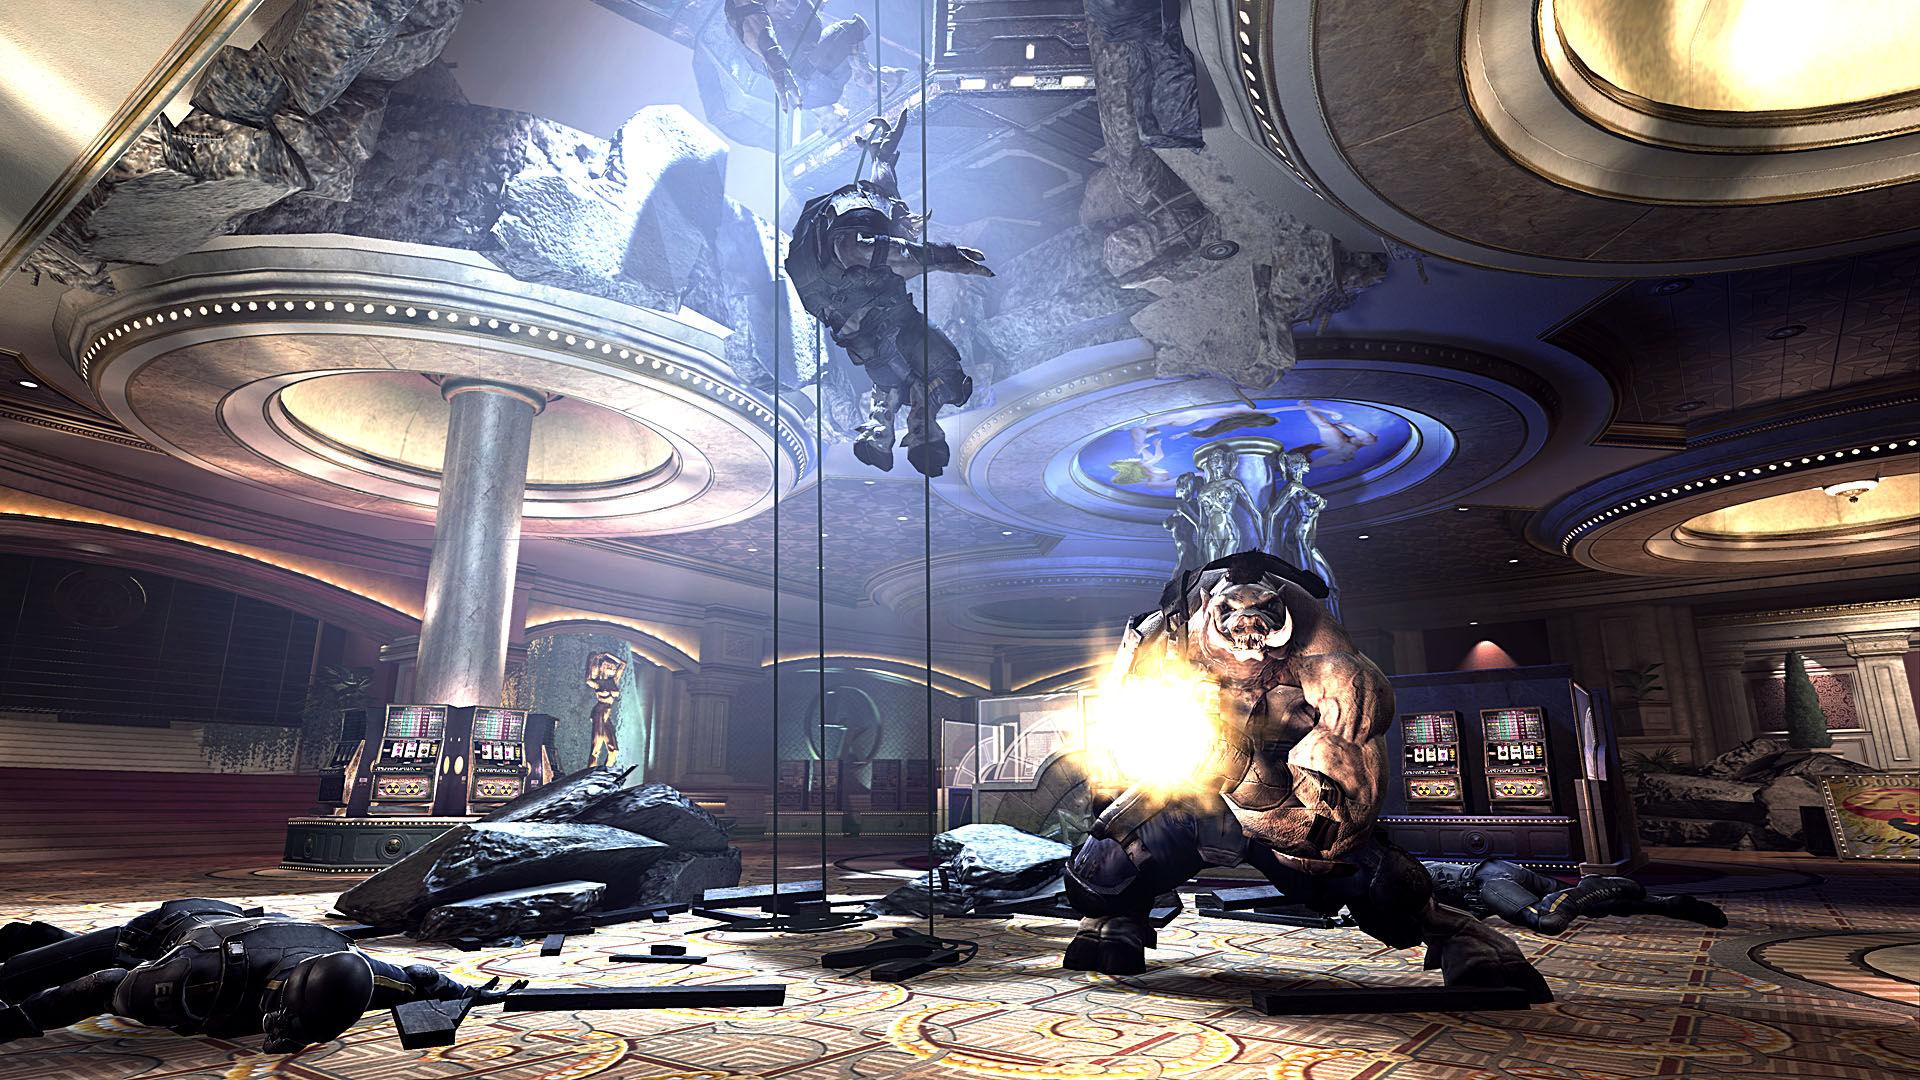 Duke Nukem Forever v1 244 + DLCs Repack Corepack | GajeKompi